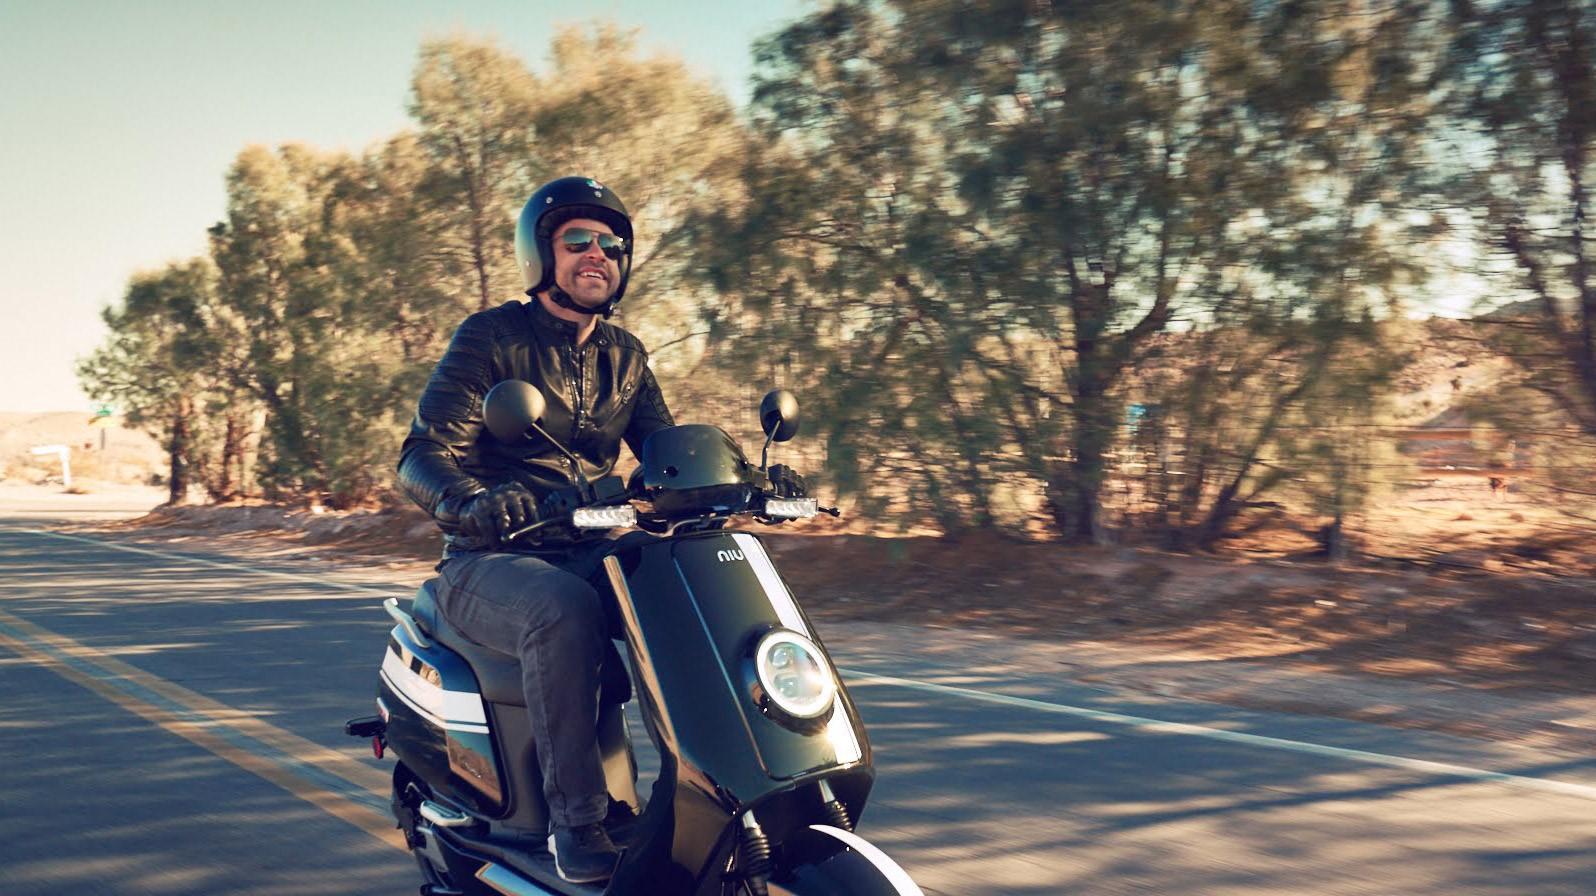 NIU Eté Scooter Ride